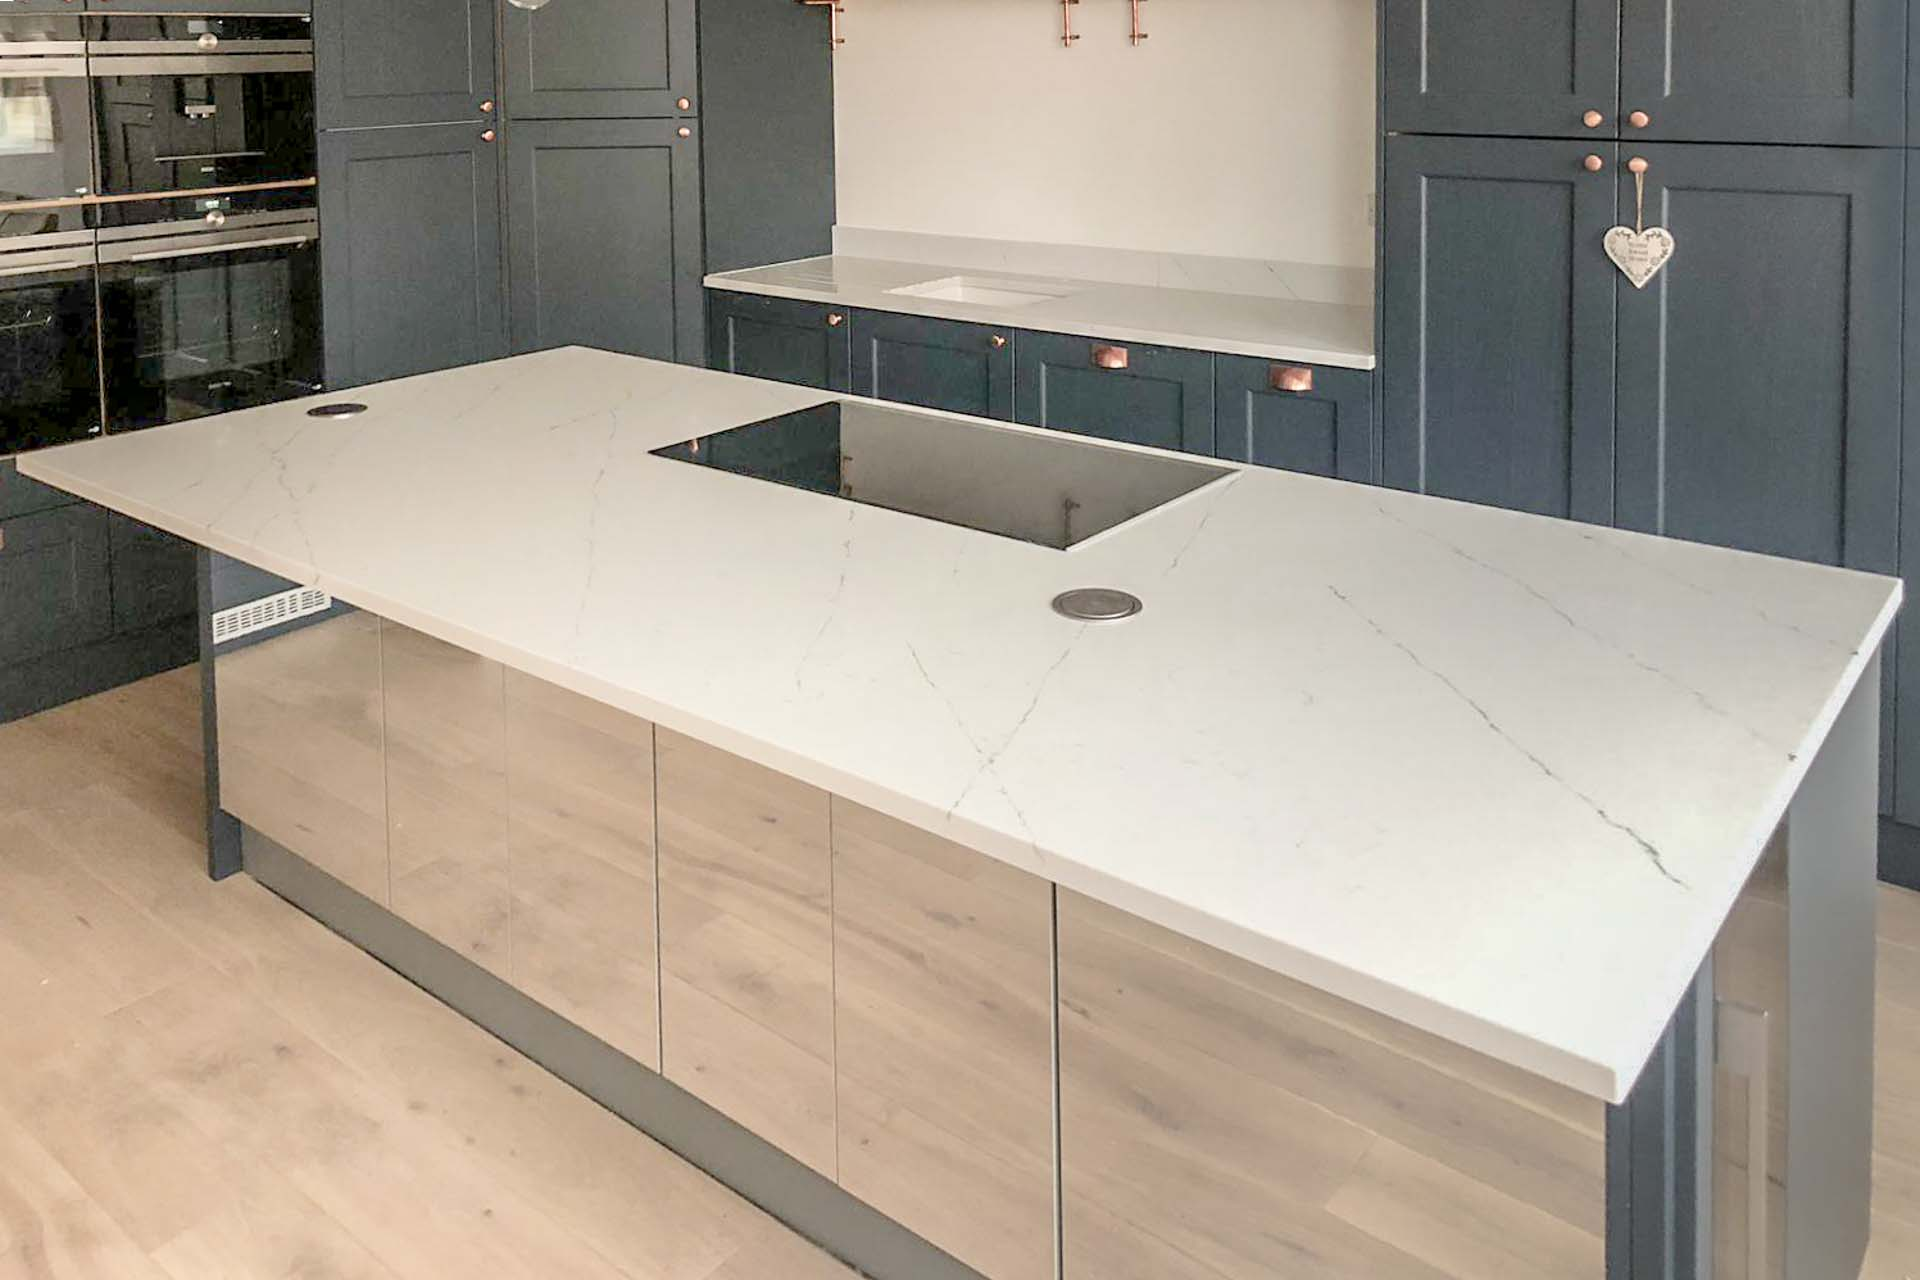 Arenastone Calacatta Delicato marble-look quartz worktops